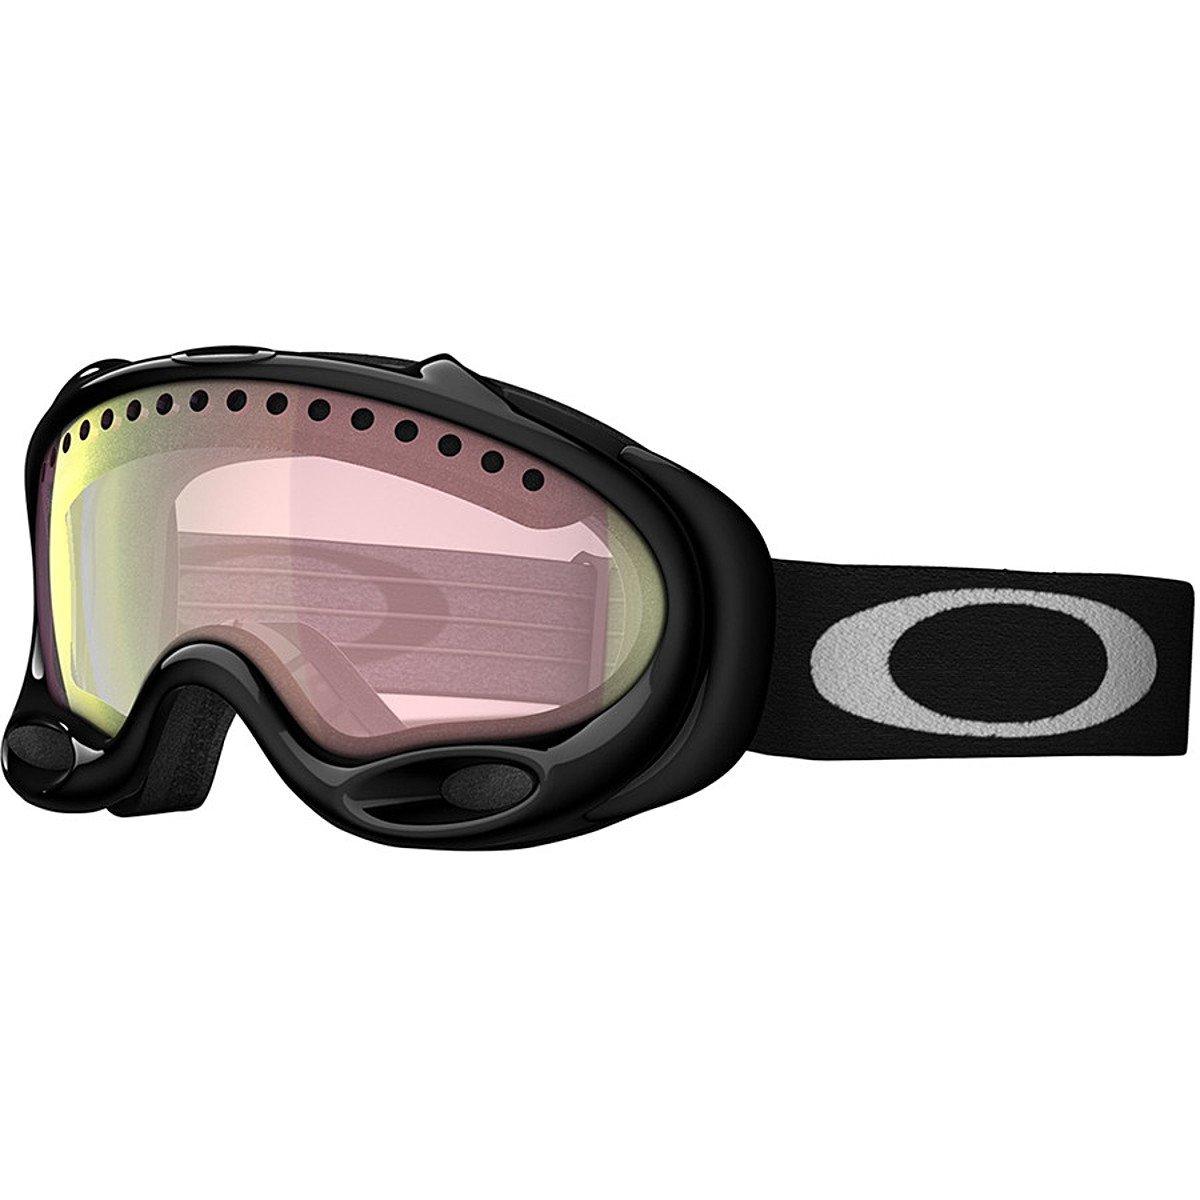 badca42a76c Oakley A-Frame Snow Goggles